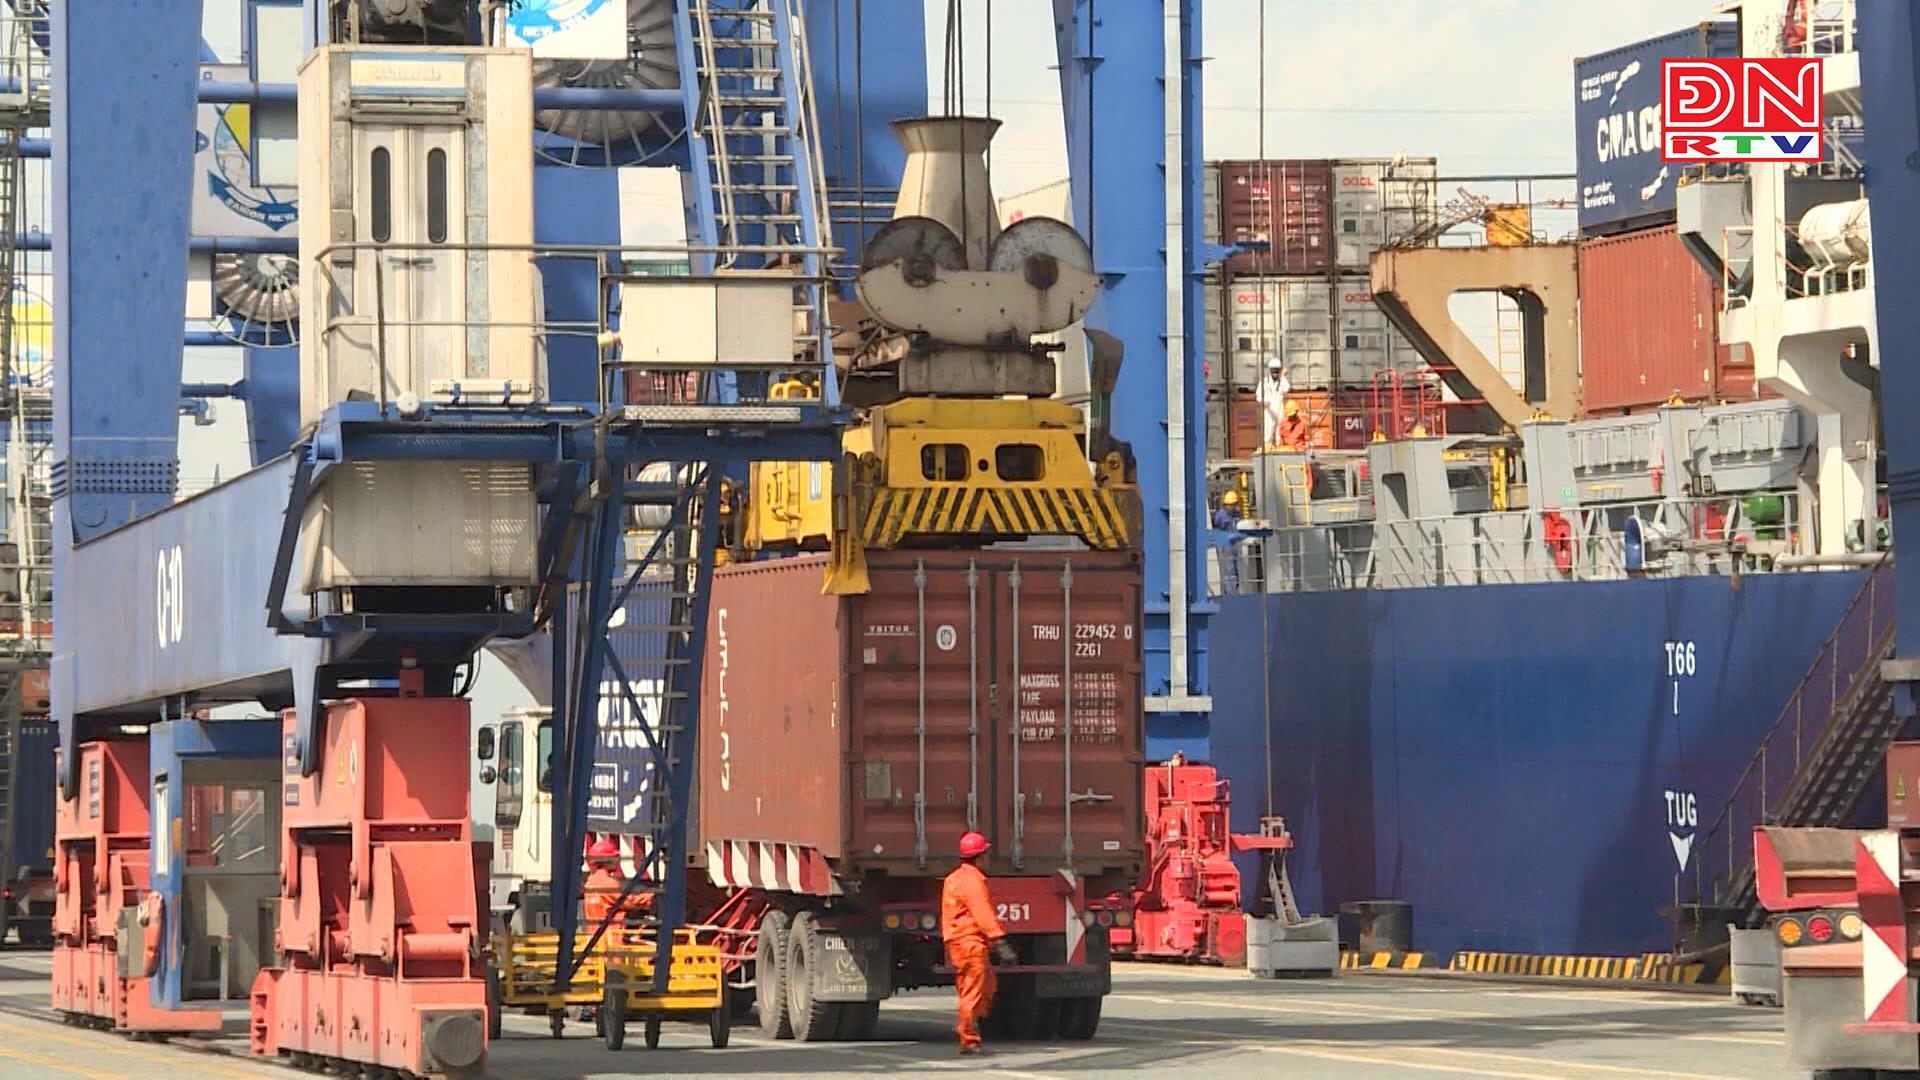 Nhật Bản là đối tác kinh tế hàng đầu ở Việt Nam